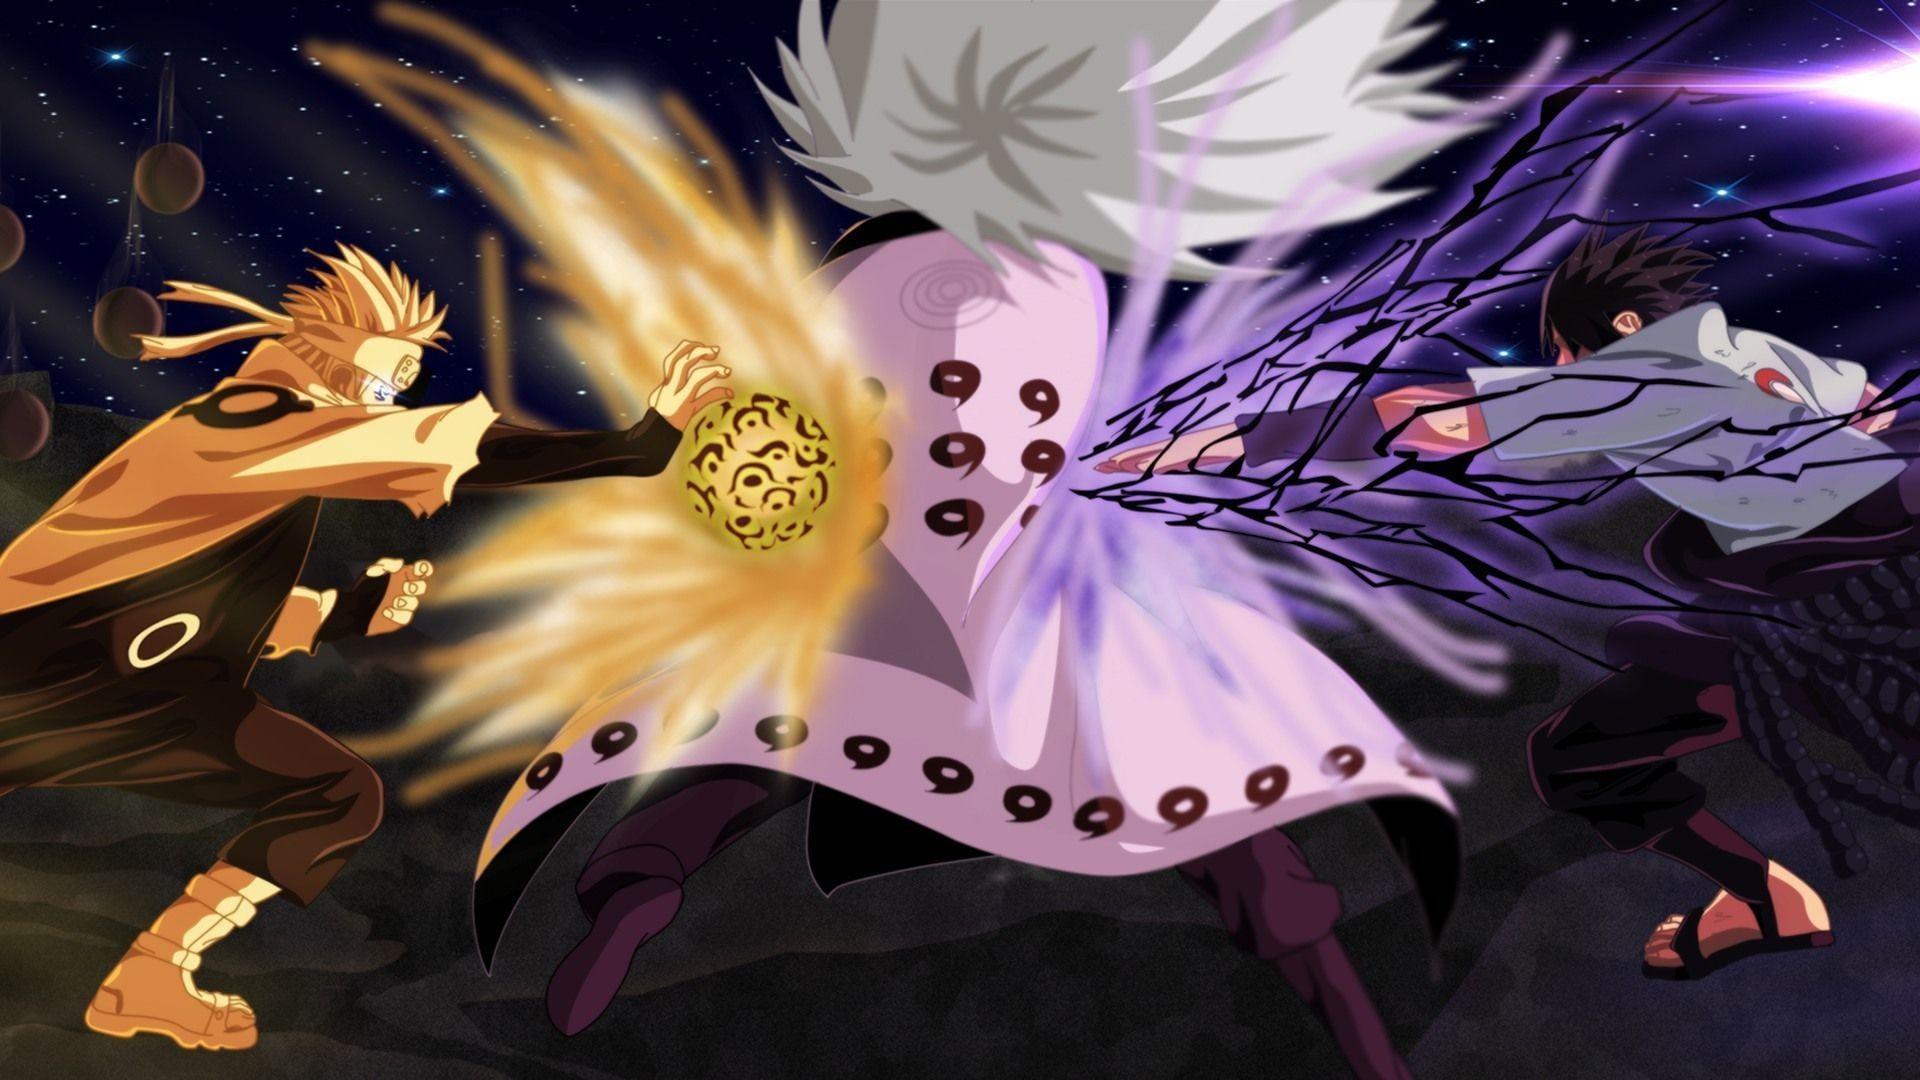 Wallpaper Anime Naruto Shippuden 3d